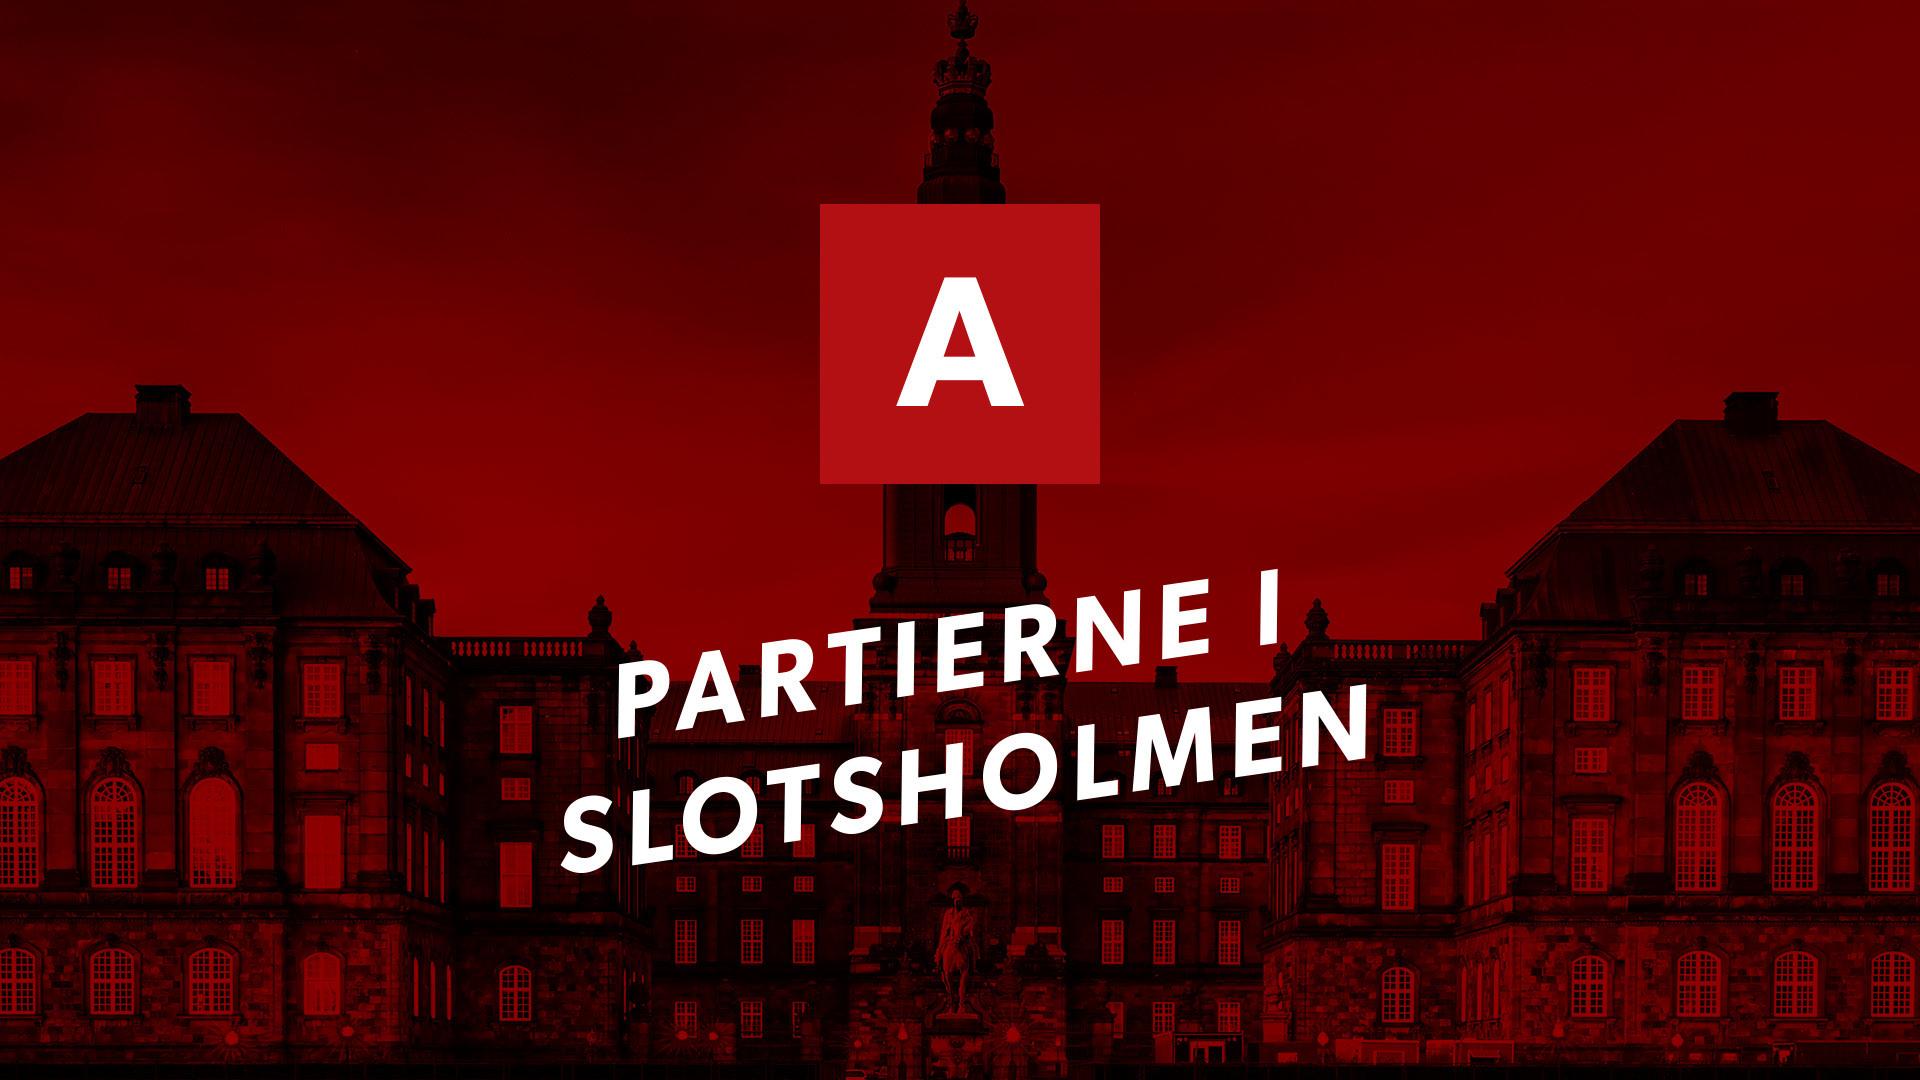 slotsholmen-socialdemokratiet.jpg